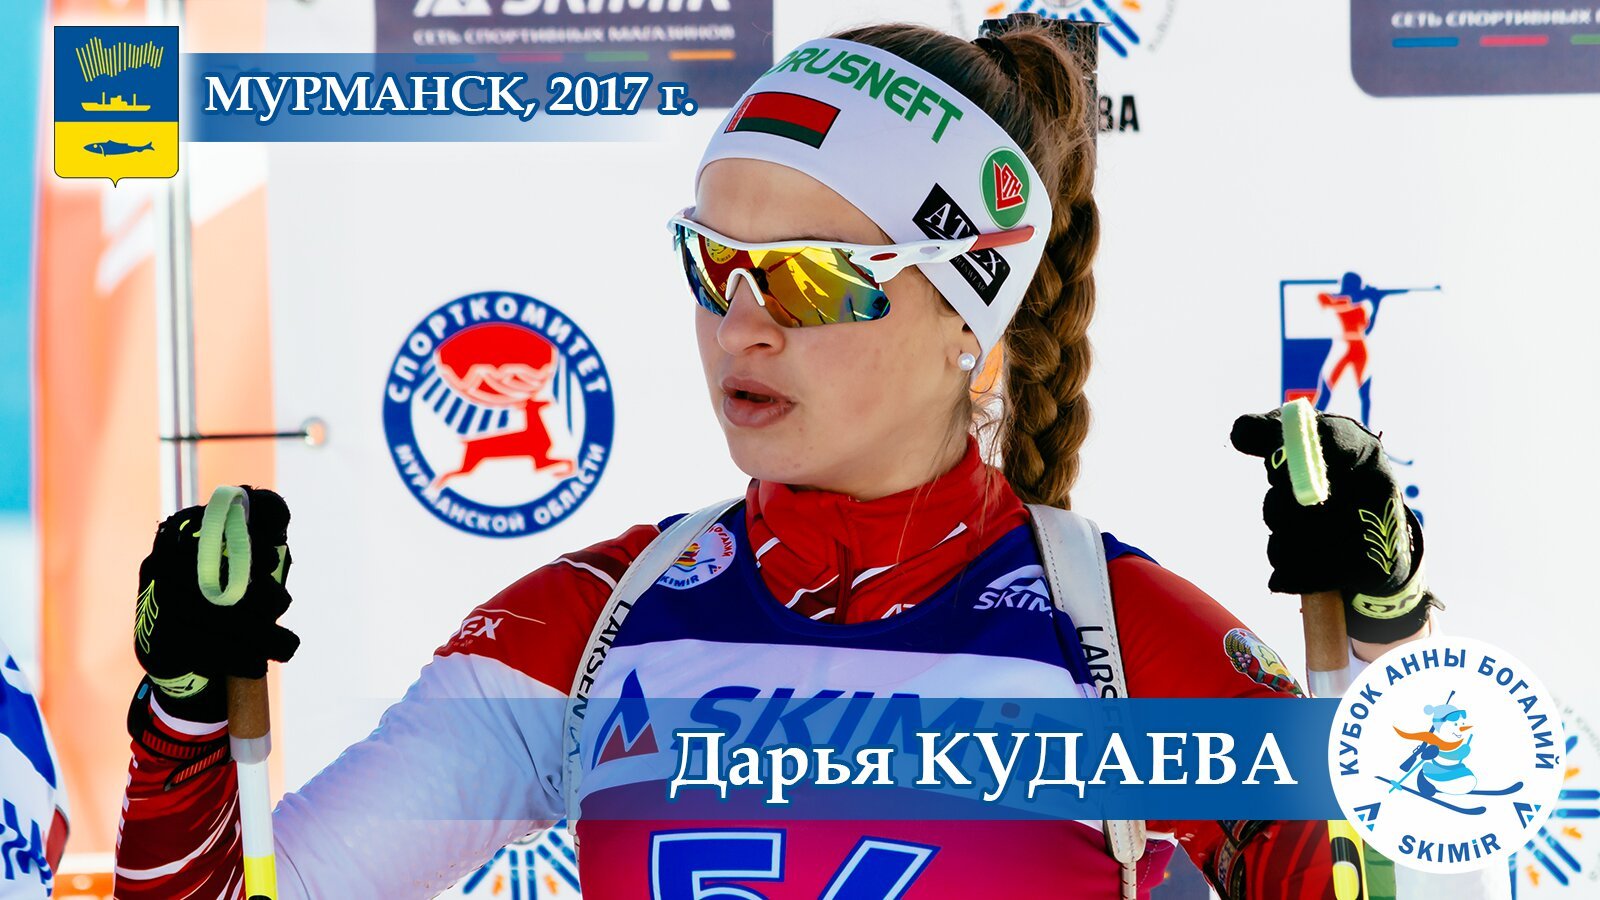 2 Дарья Кудаева_Беларусь.jpg